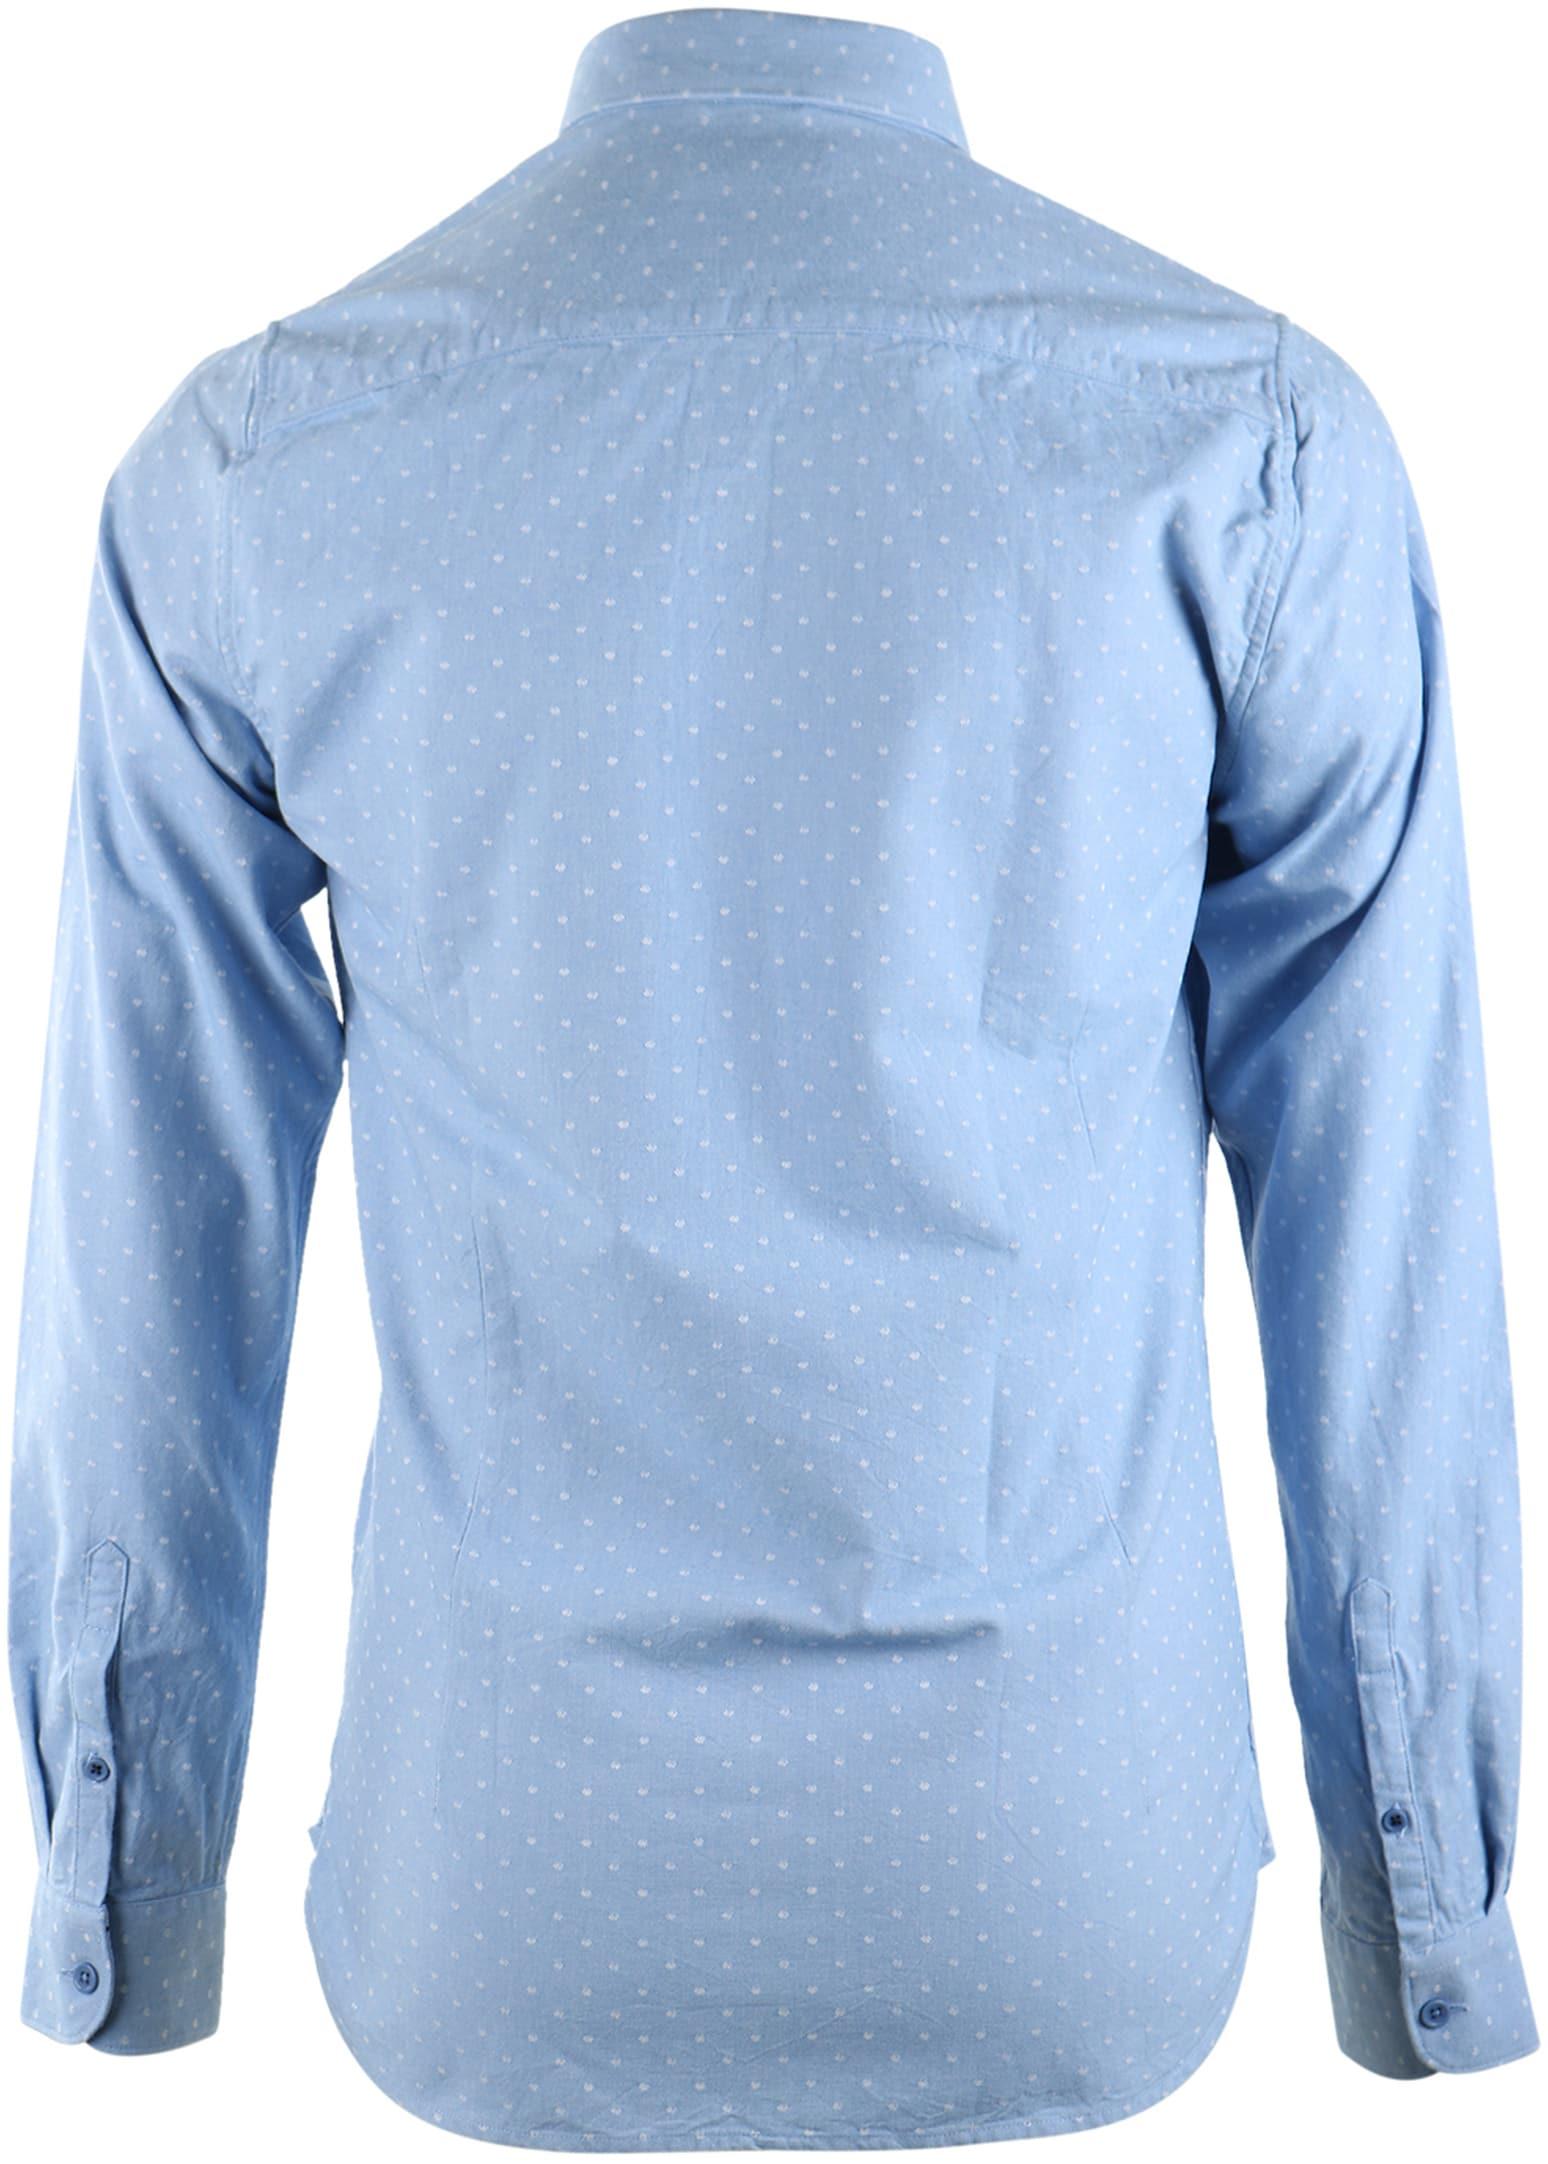 Dstrezzed Overhemd Blauwe dots foto 1